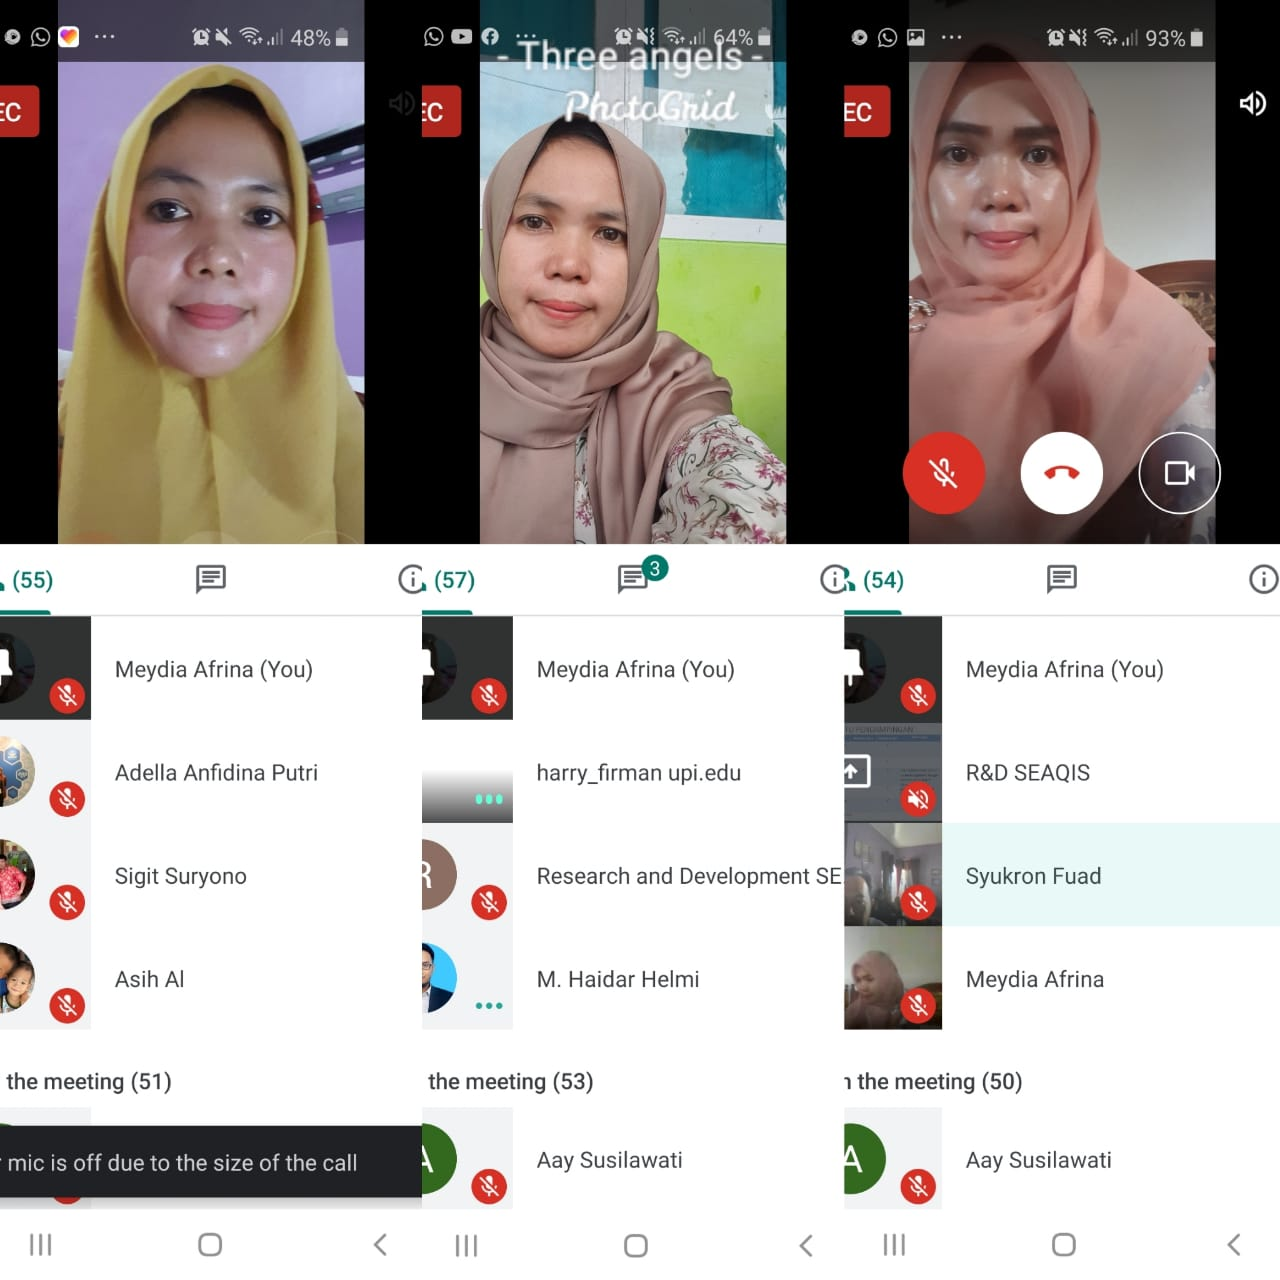 WhatsApp Image 2020-07-06 at 14.08.46